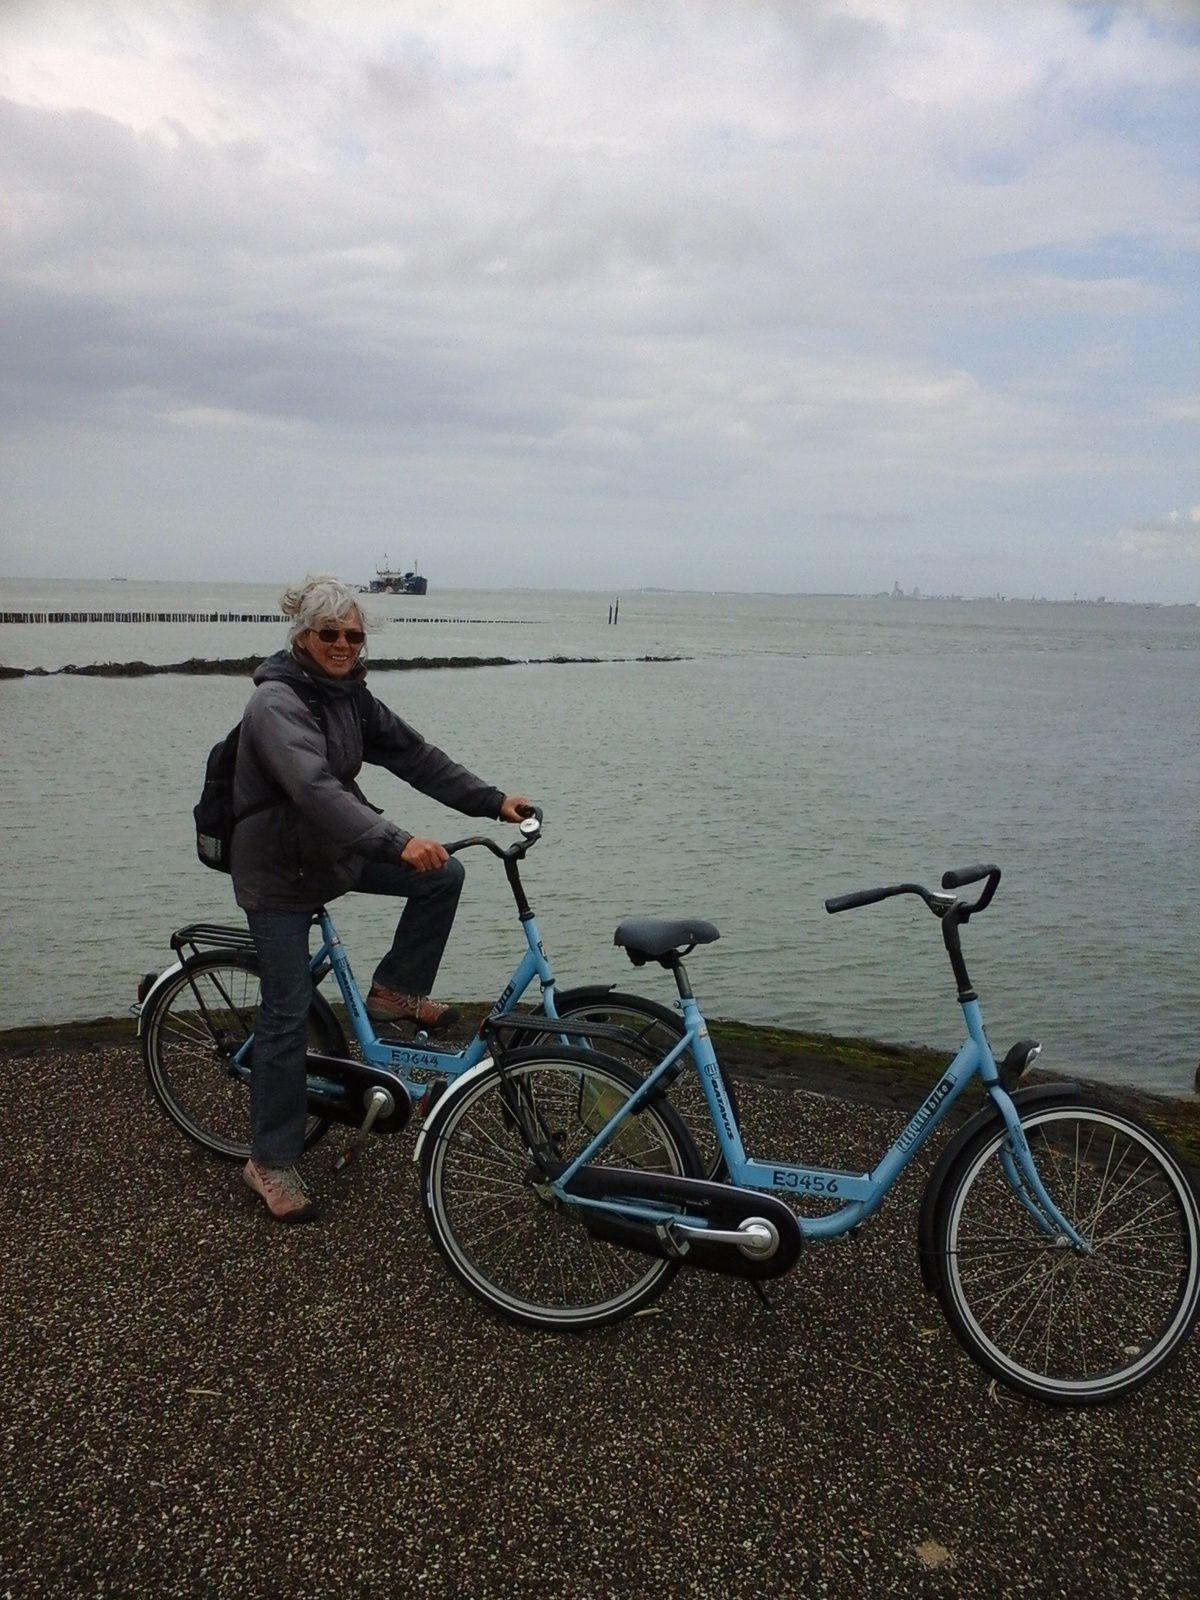 De Dunkerque, Breskens, nous sommes au Pays-Bas.  Philipe, nous y a pris nos amarres, Gwenn Ha  Du, n'aimant décidément pas les marinas, ce n'était pourtant que la deuxième, Philipe continue en solitaire vers la Méditerranée.  Impossible de ne pas faire un peu de bicyclette.Là aussi les gens savent s'amuser, la preuve en est, ce super yack miniature piloté de main de maître par le vendeur de homards du coin.